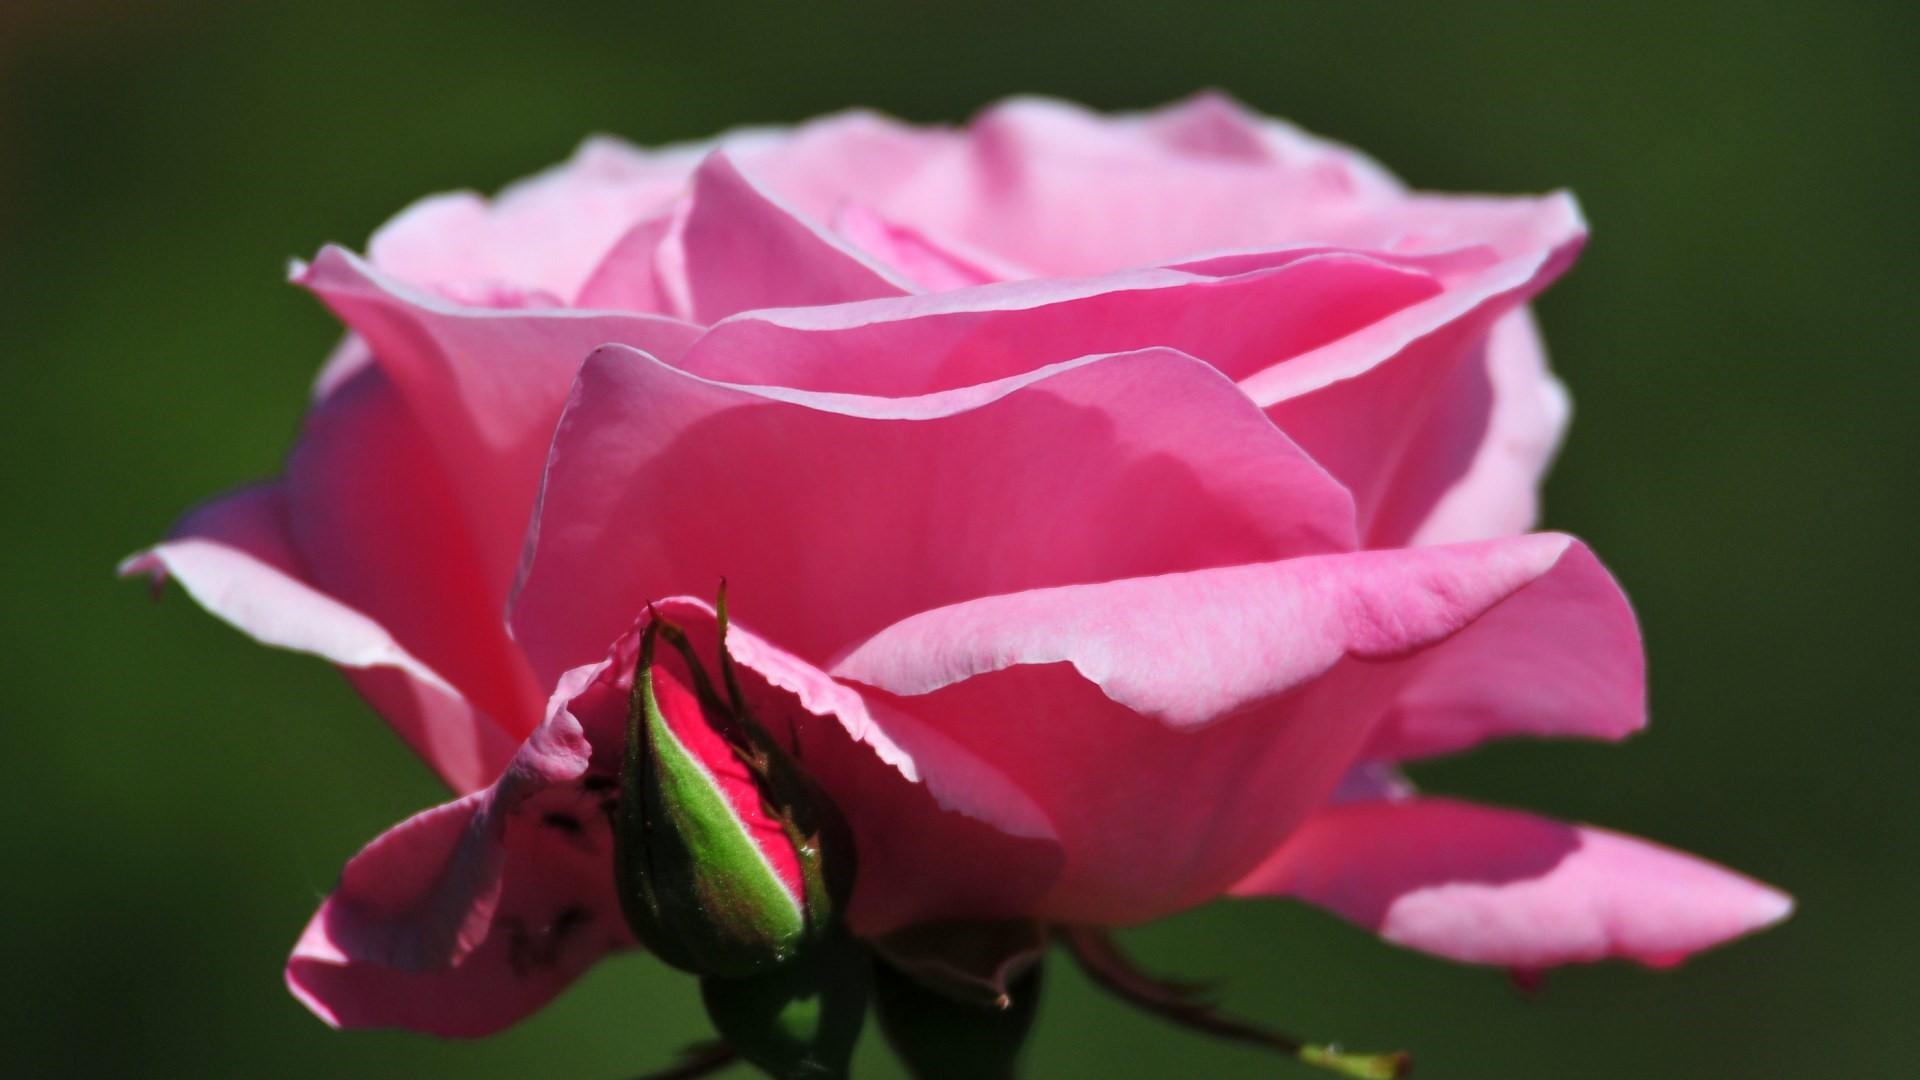 Rose Flowers Wallpapers Free Download Wallpapersafari